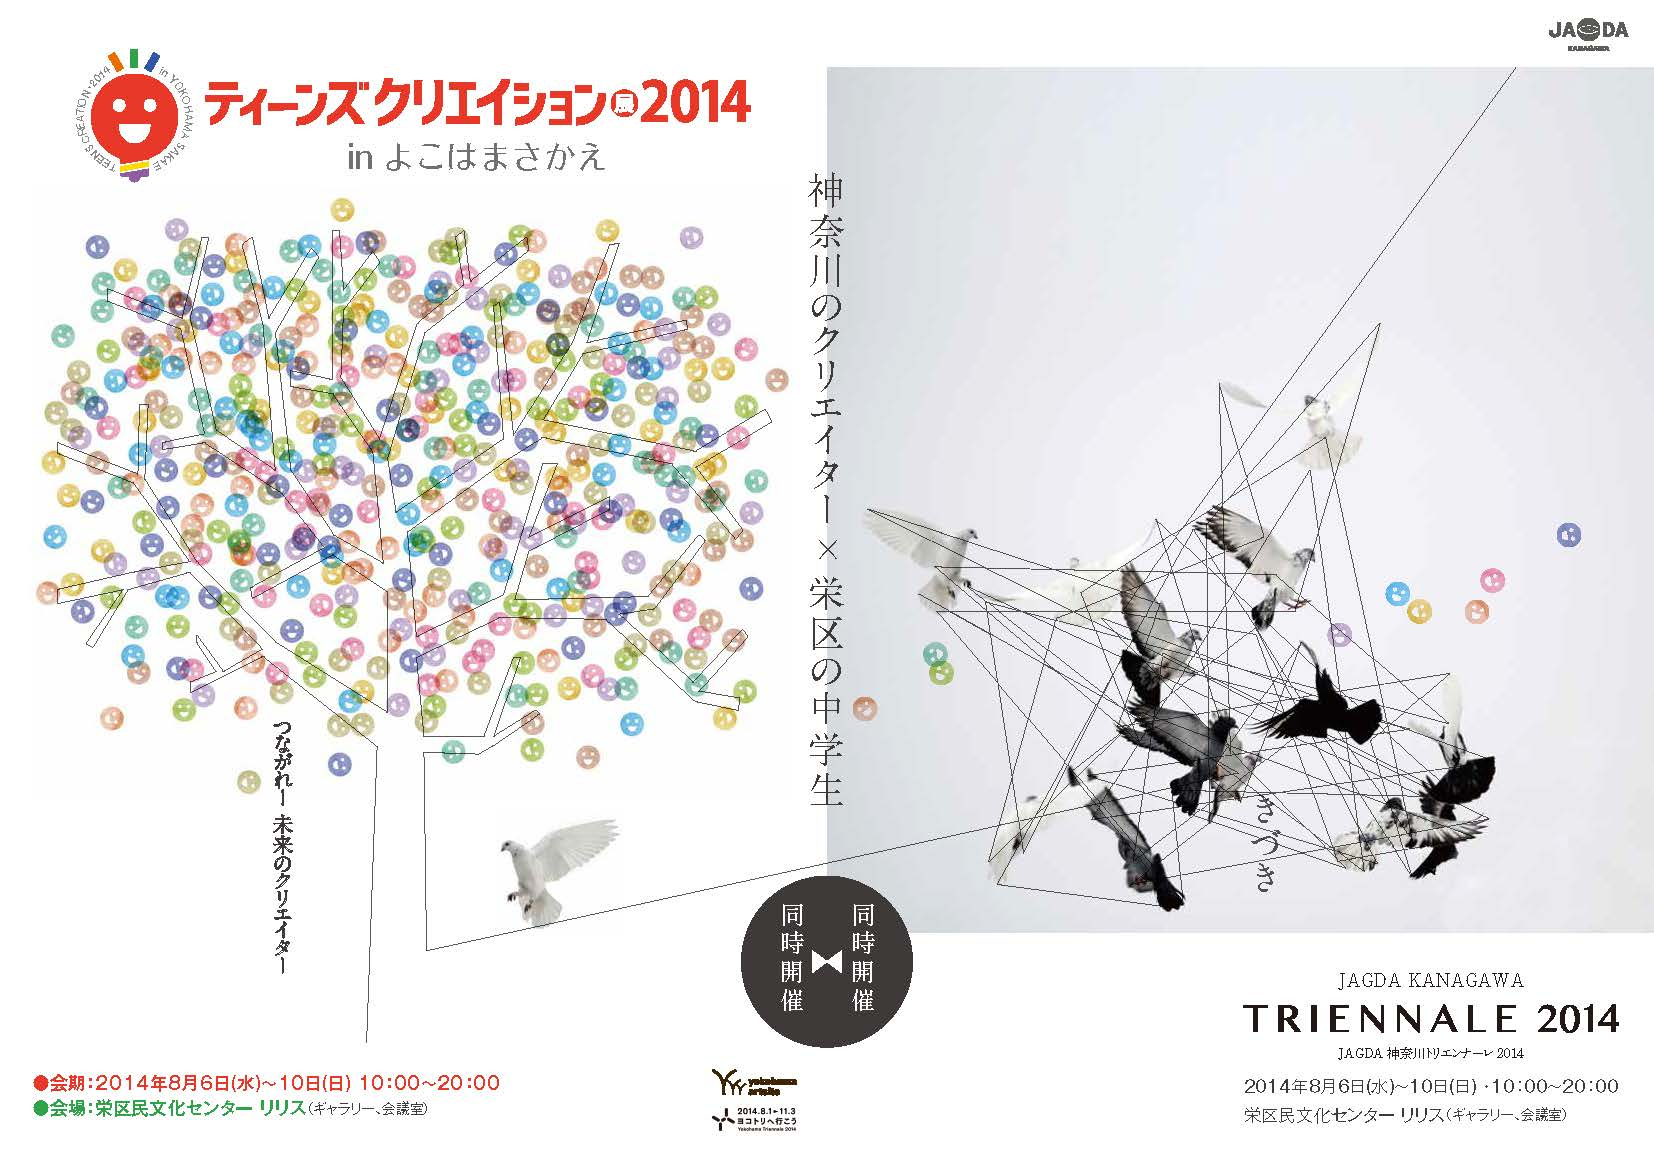 ティーンズクリエイション展2014 in よこはまさかえ_f0197045_21523467.jpg